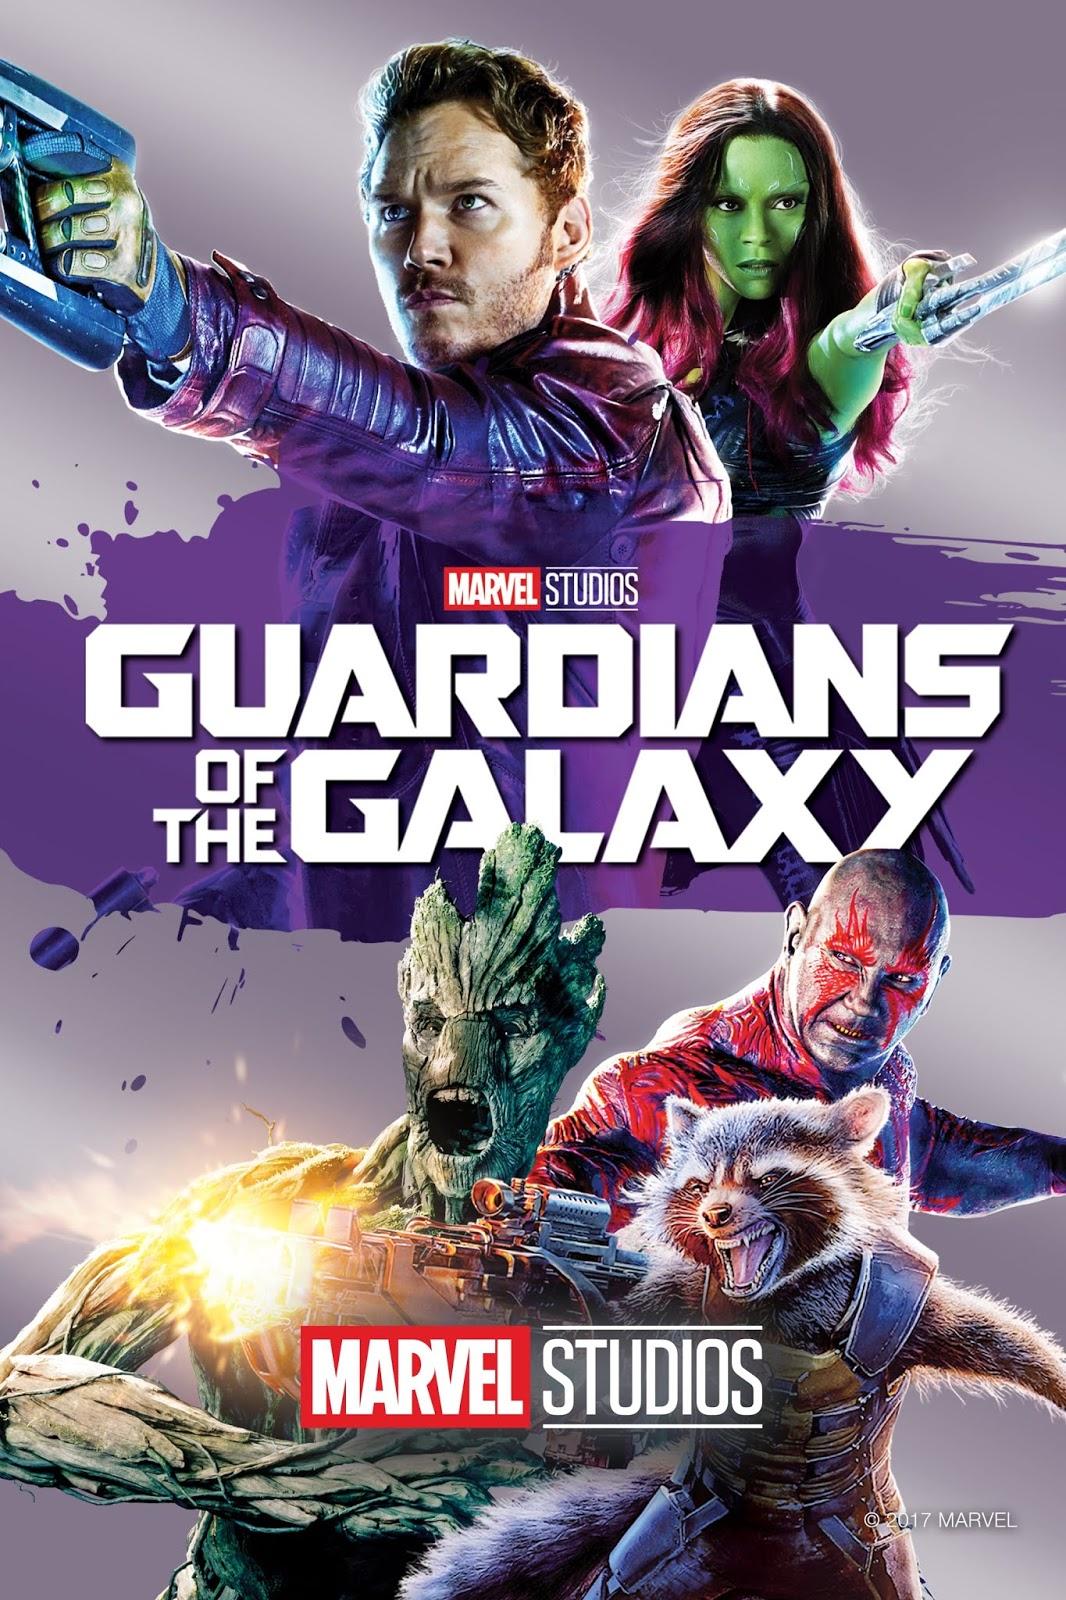 GAURDIANS OF GALAXY (2014) TAMIL DUBBED HD